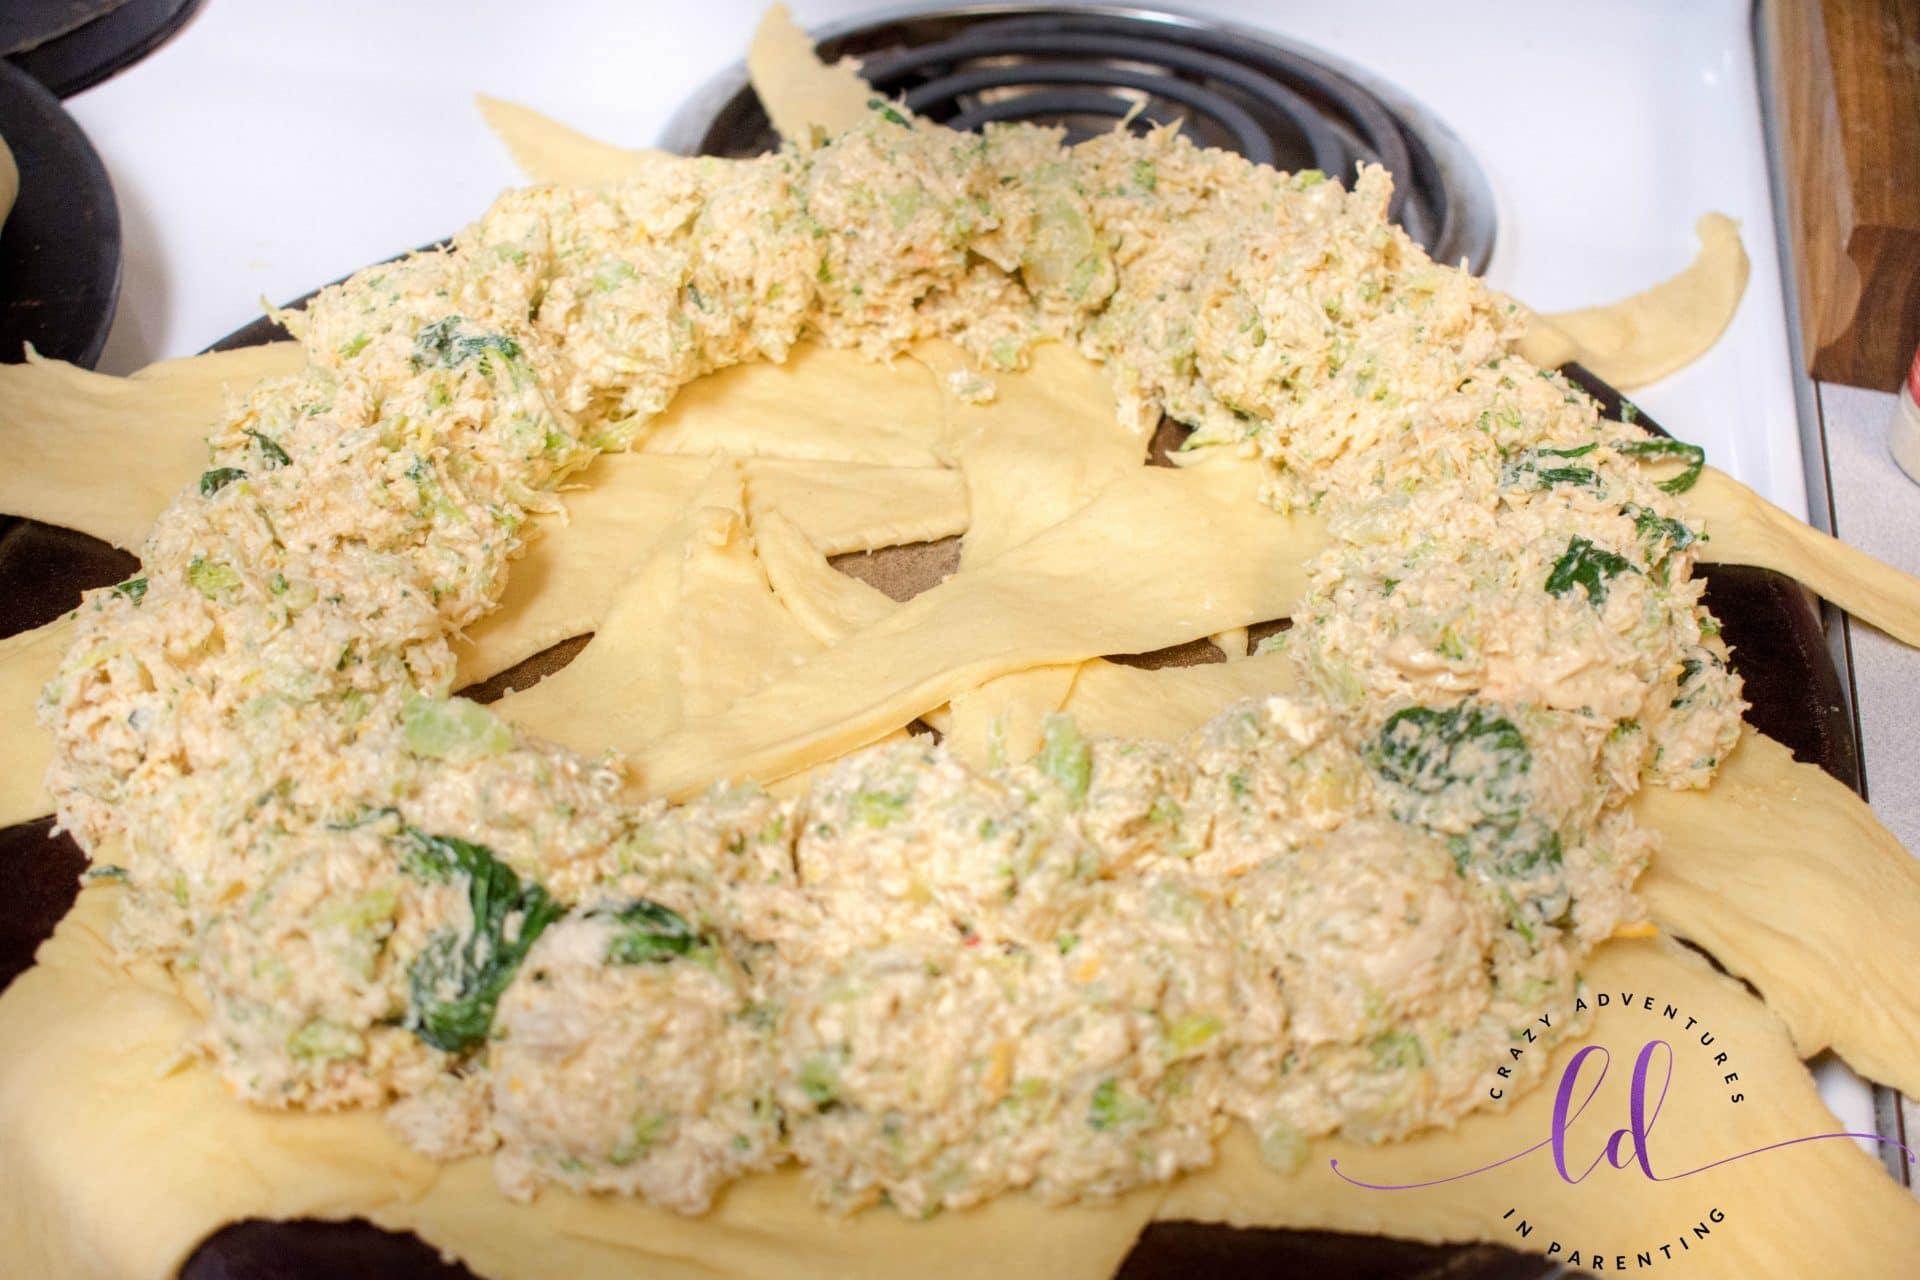 Preparing the Chicken Broccoli Spinach Artichoke Wreath